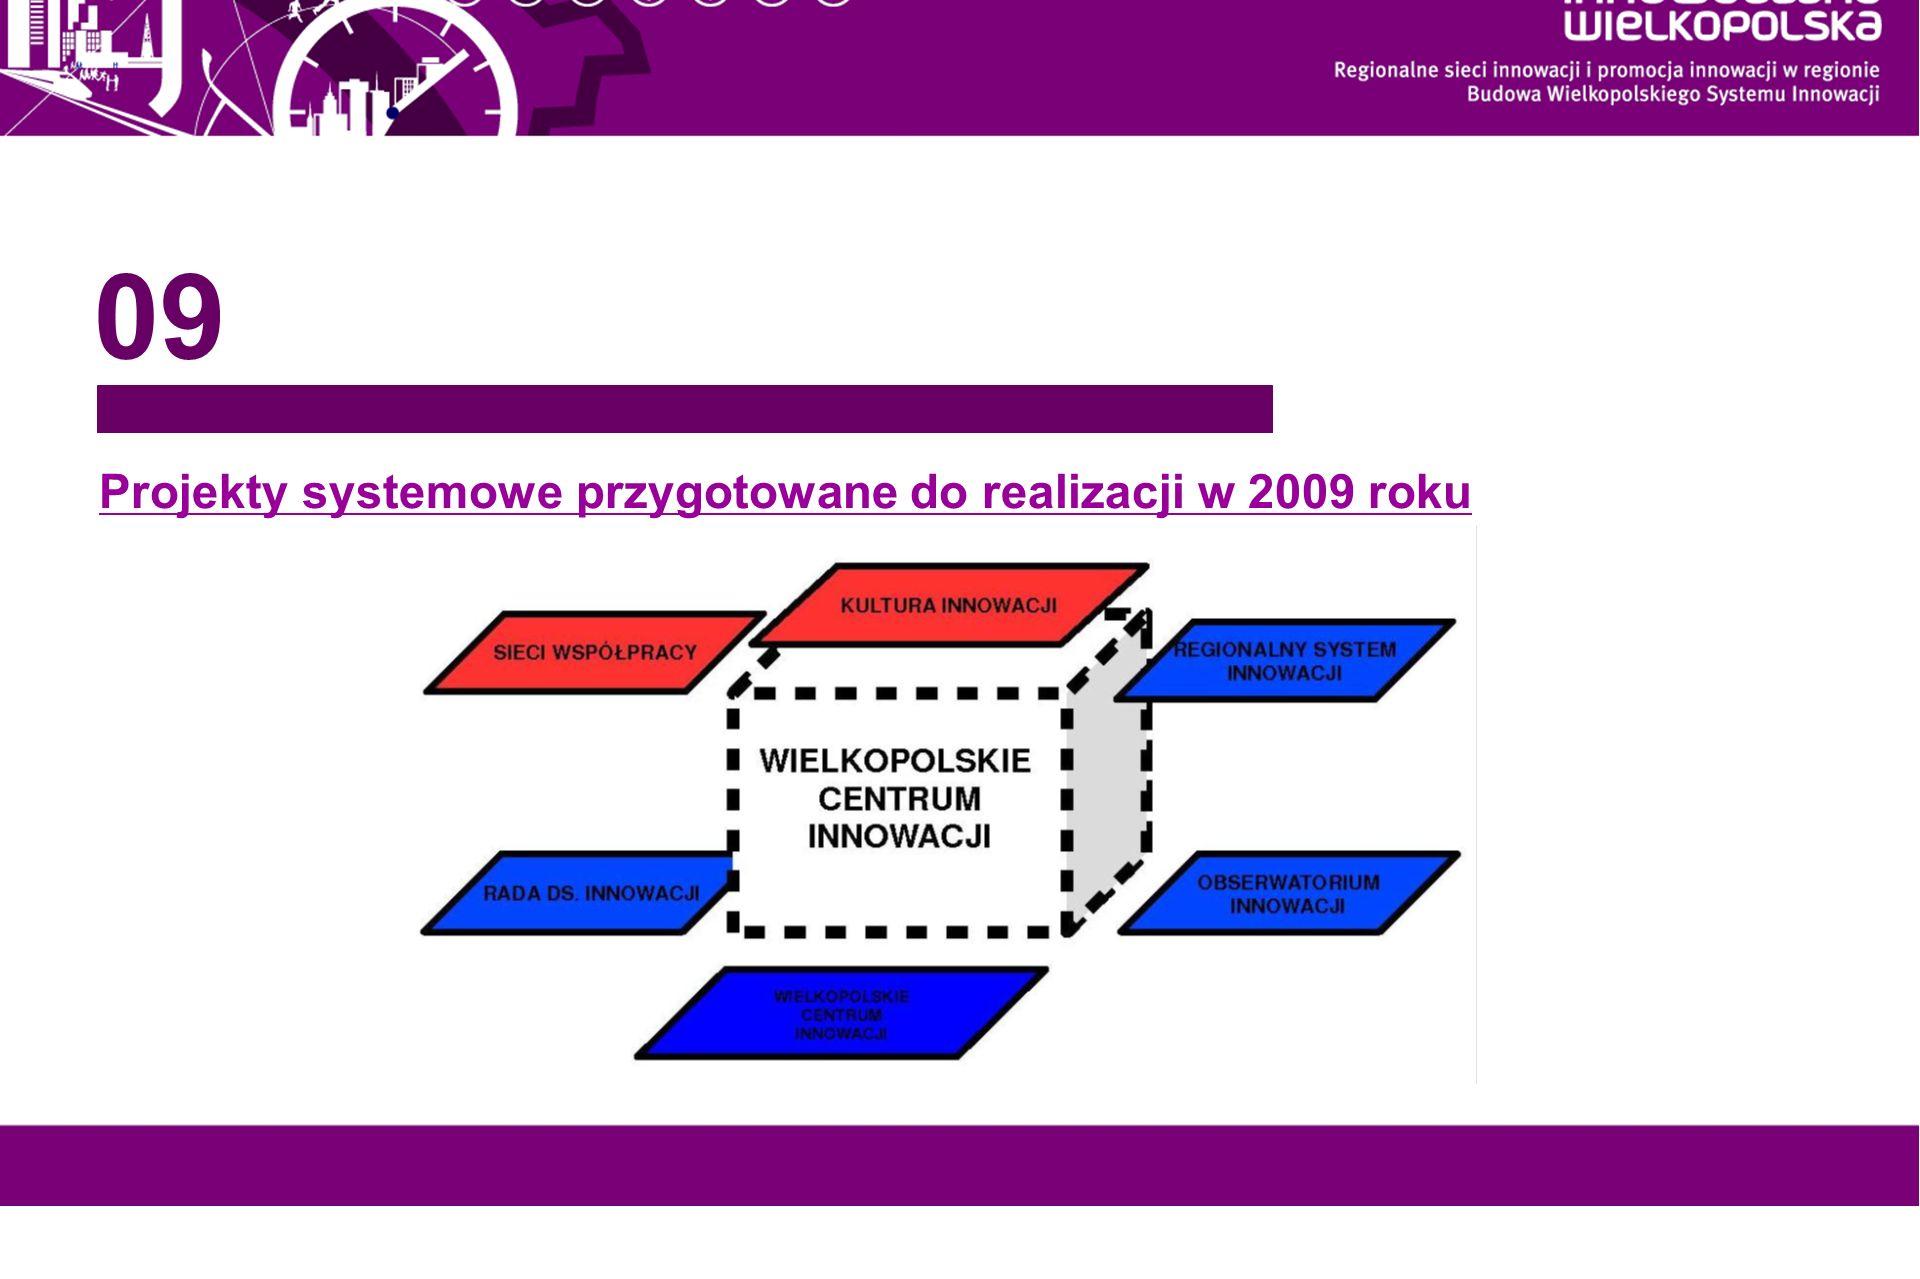 Projekty systemowe przygotowane do realizacji w 2009 roku